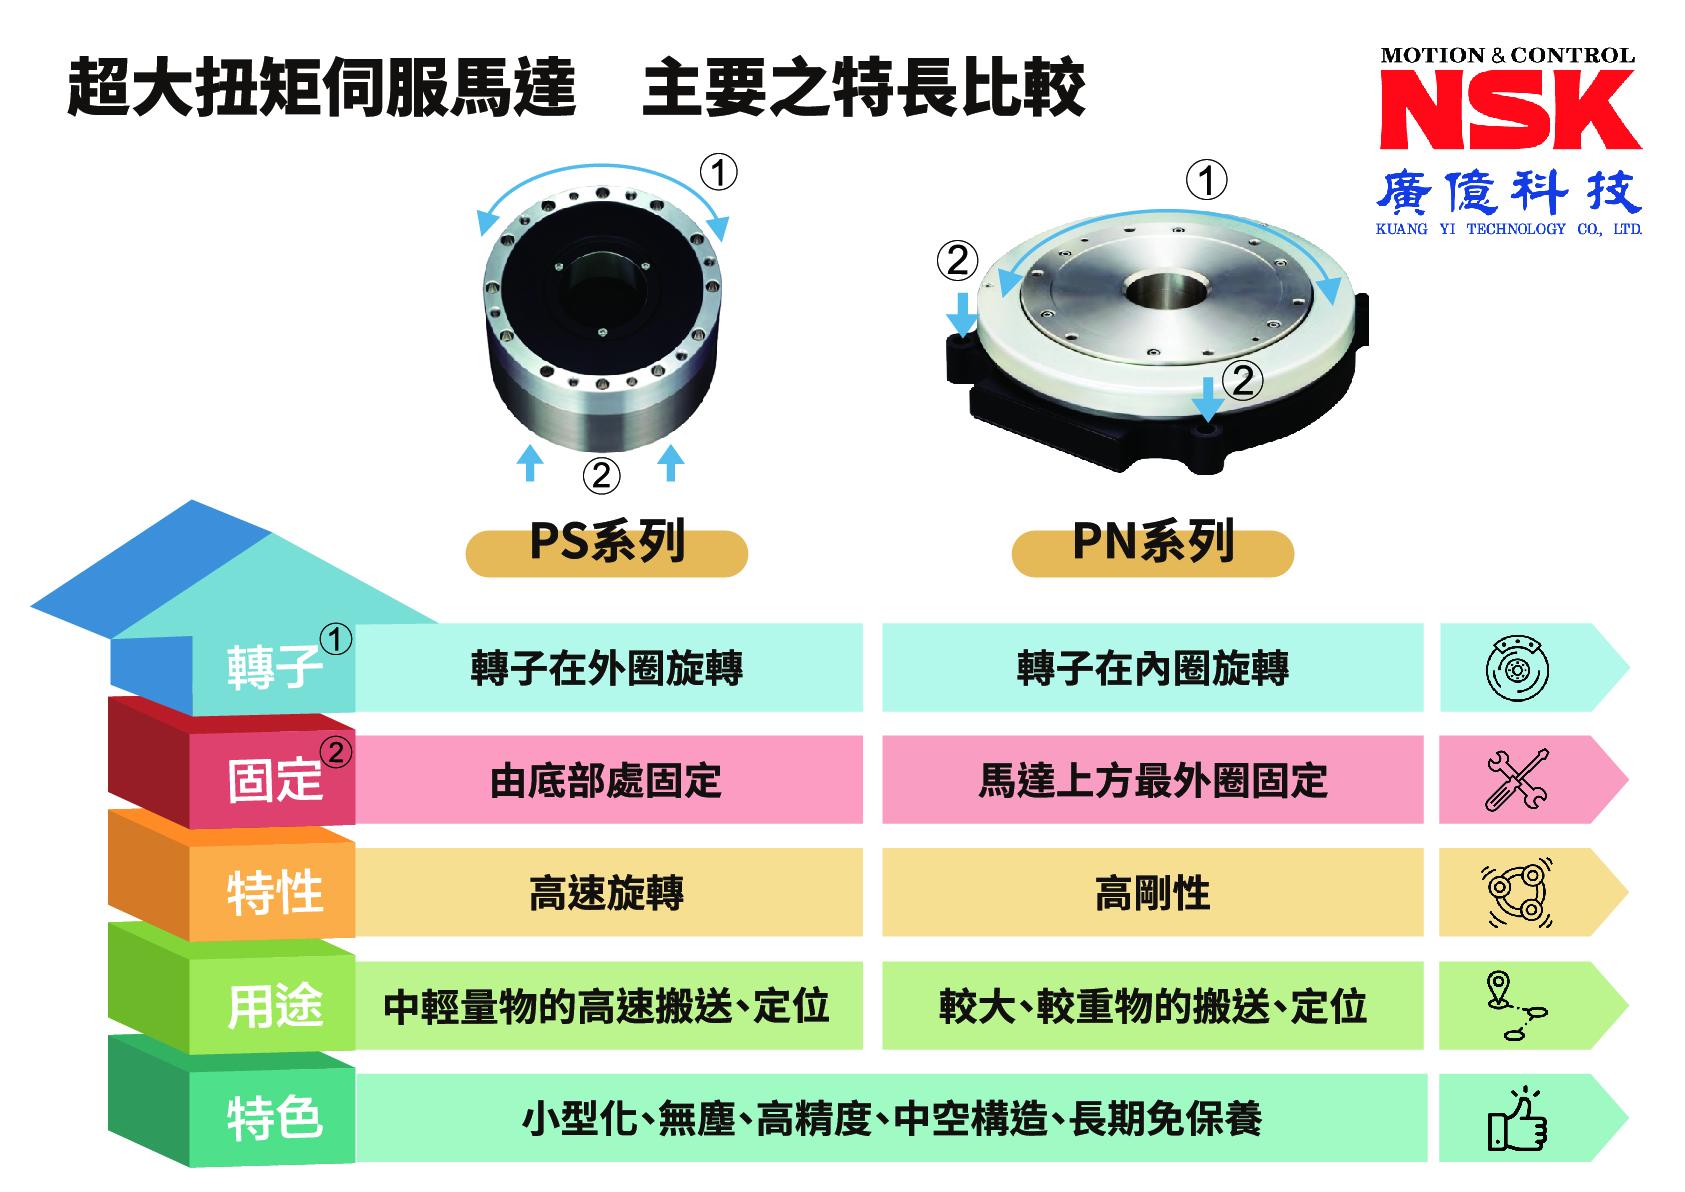 NSK 超大扭矩伺服馬達 主要特長比較 PS系列 PN系列